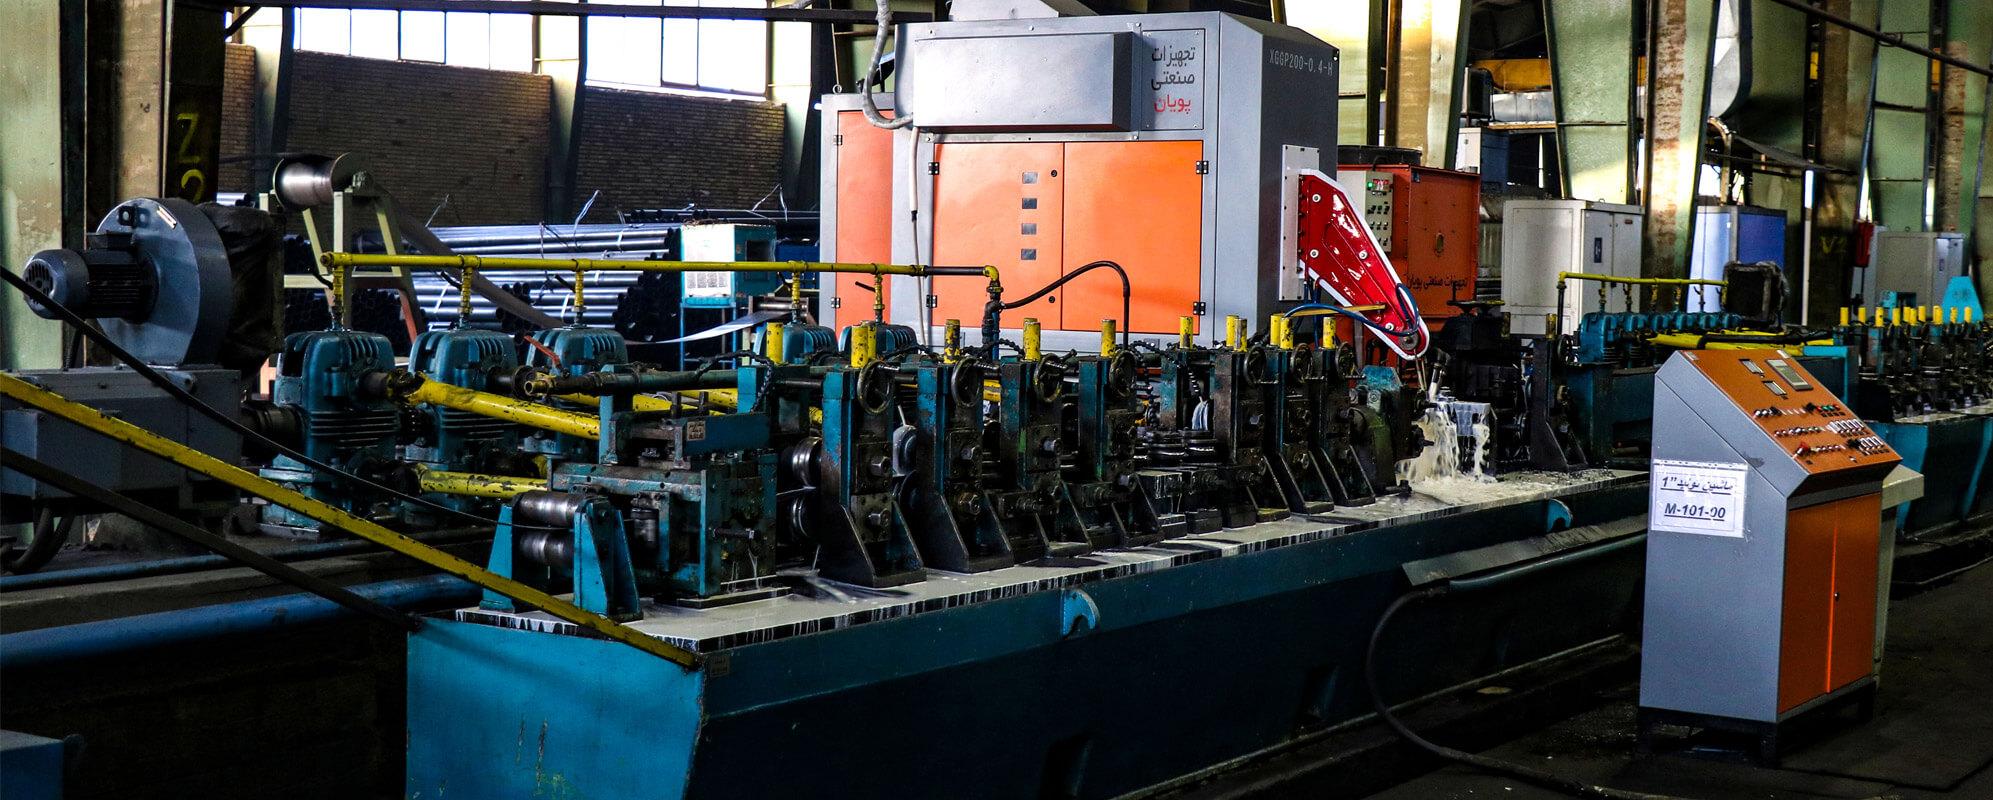 کیهان رولینگ ، تولید کننده انواع لوله ، پروفیل و مقاطع پروفیلی